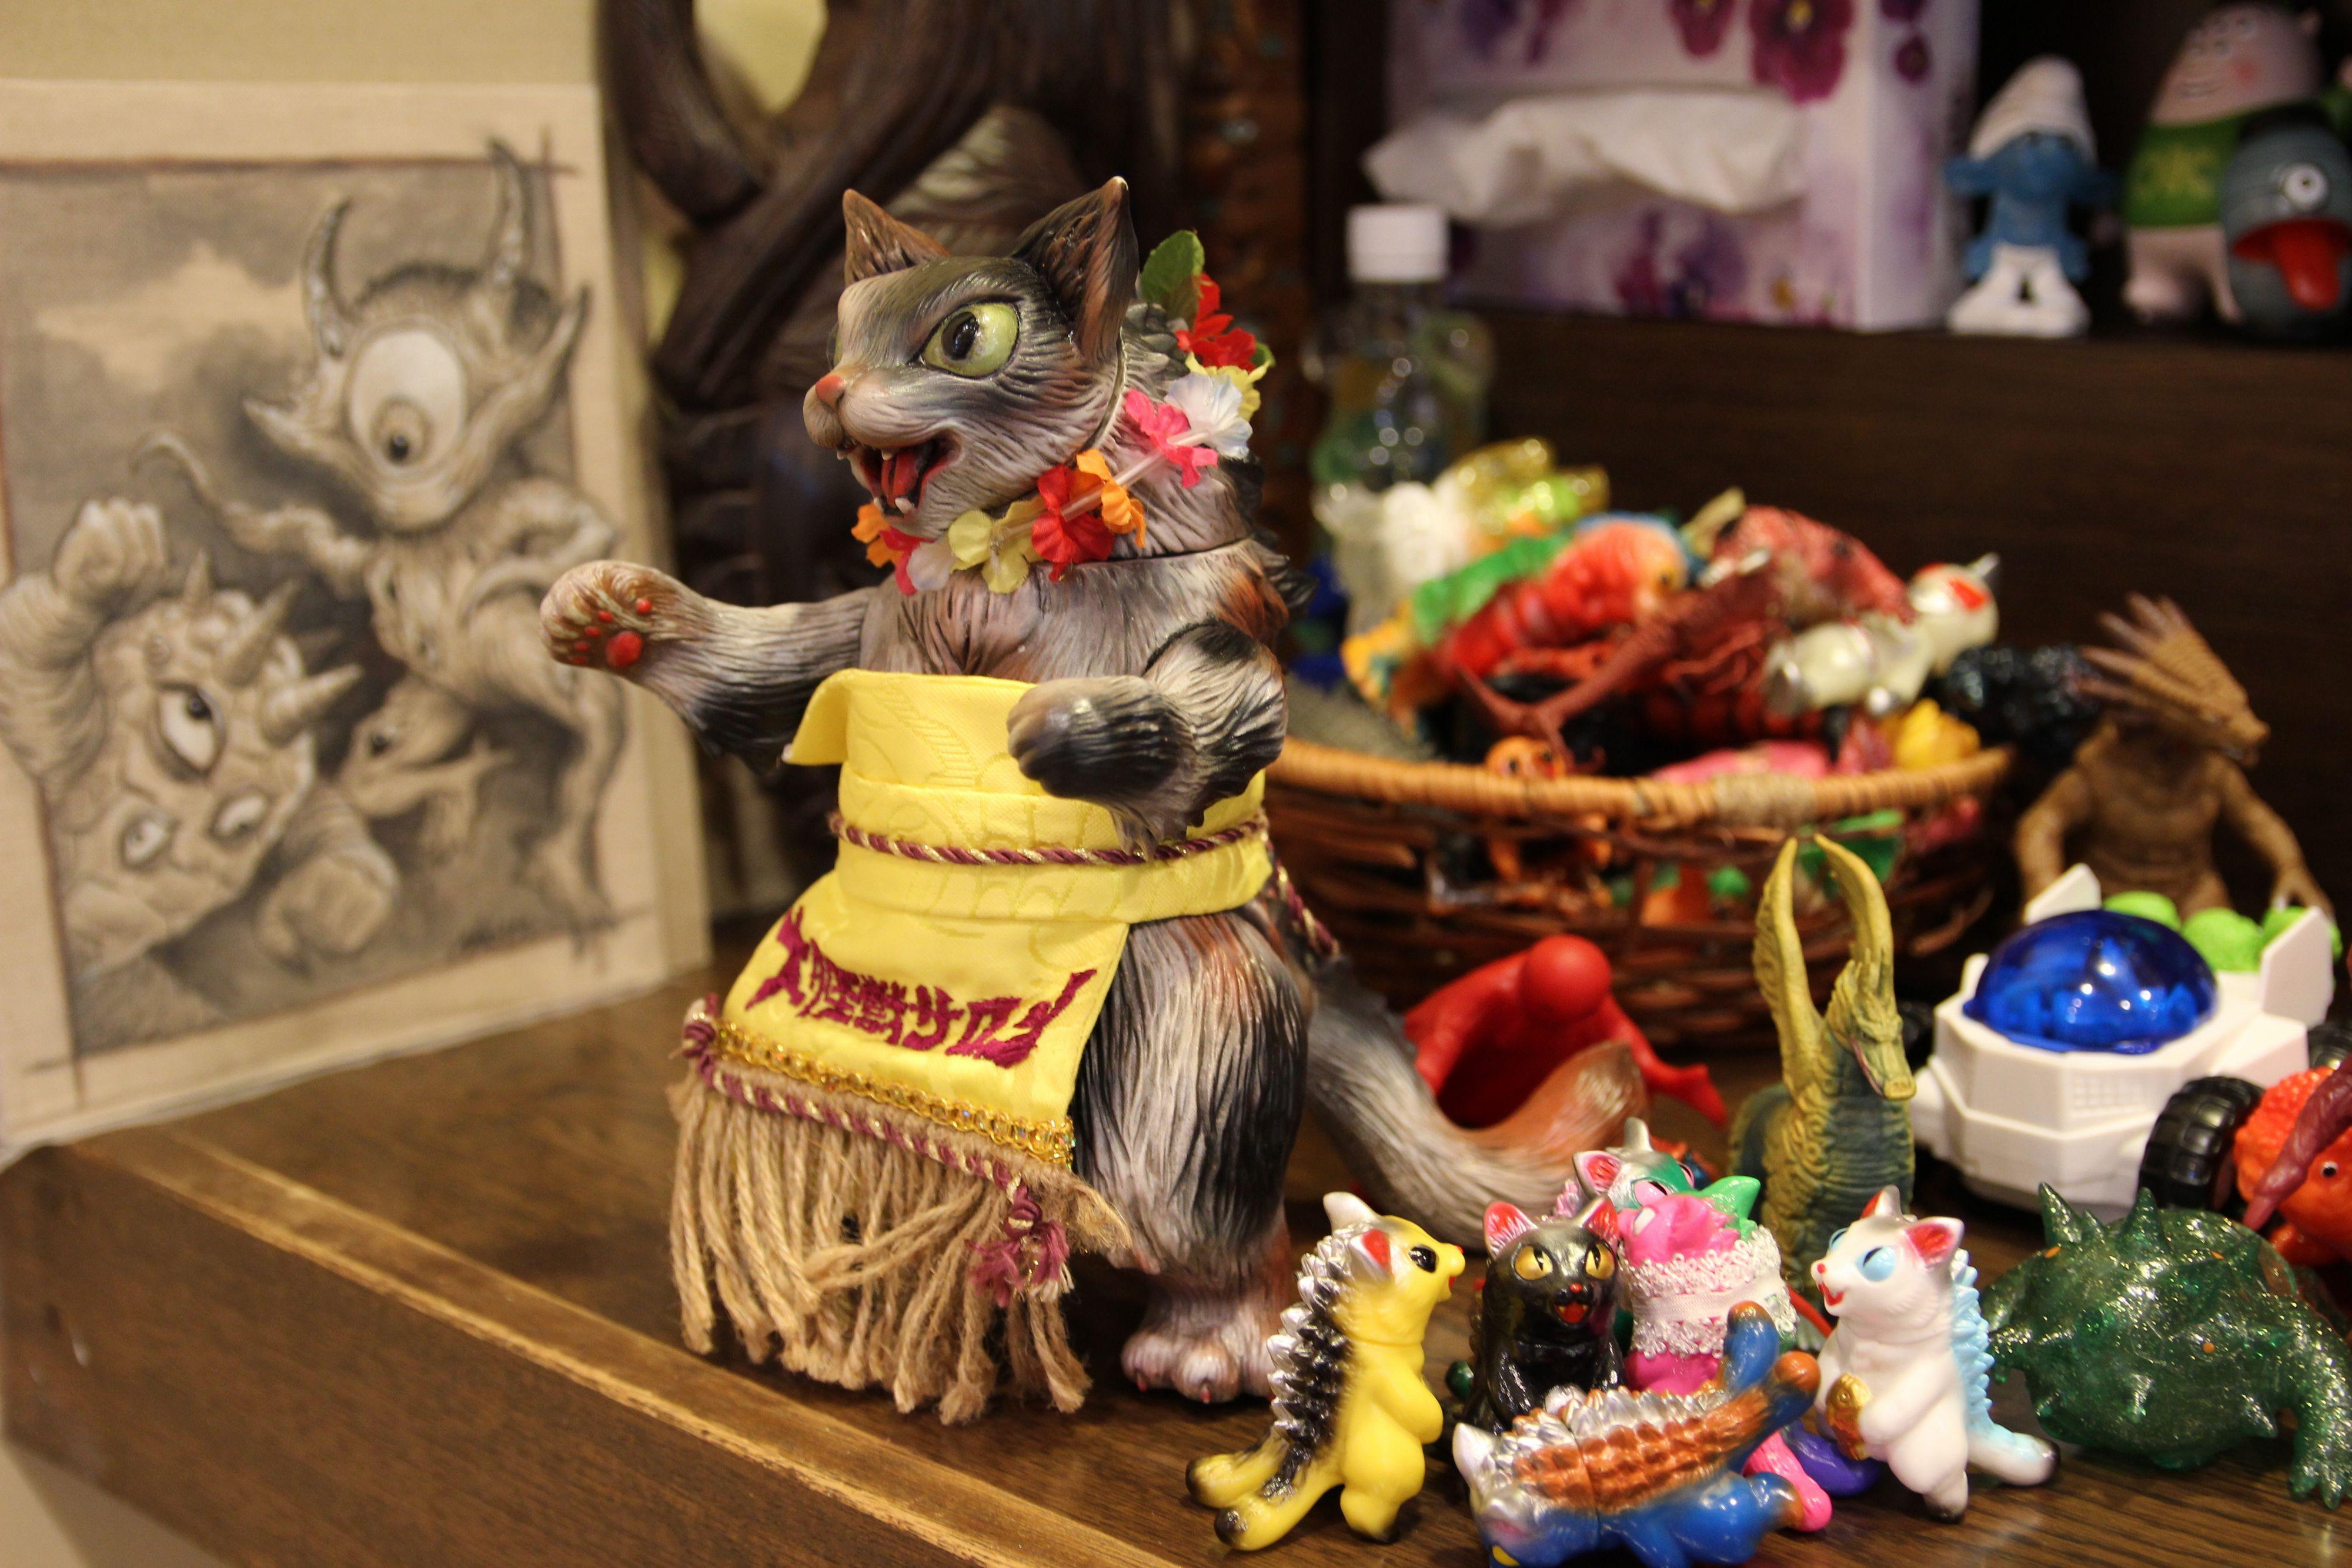 大怪獣サロン新装開店! 2015年3月19日の店内風景~ショーケースに並ぶガッキーくん、ムーチョ、ベッコス、ツノゴン!ウルトラニャン勢ぞろい!